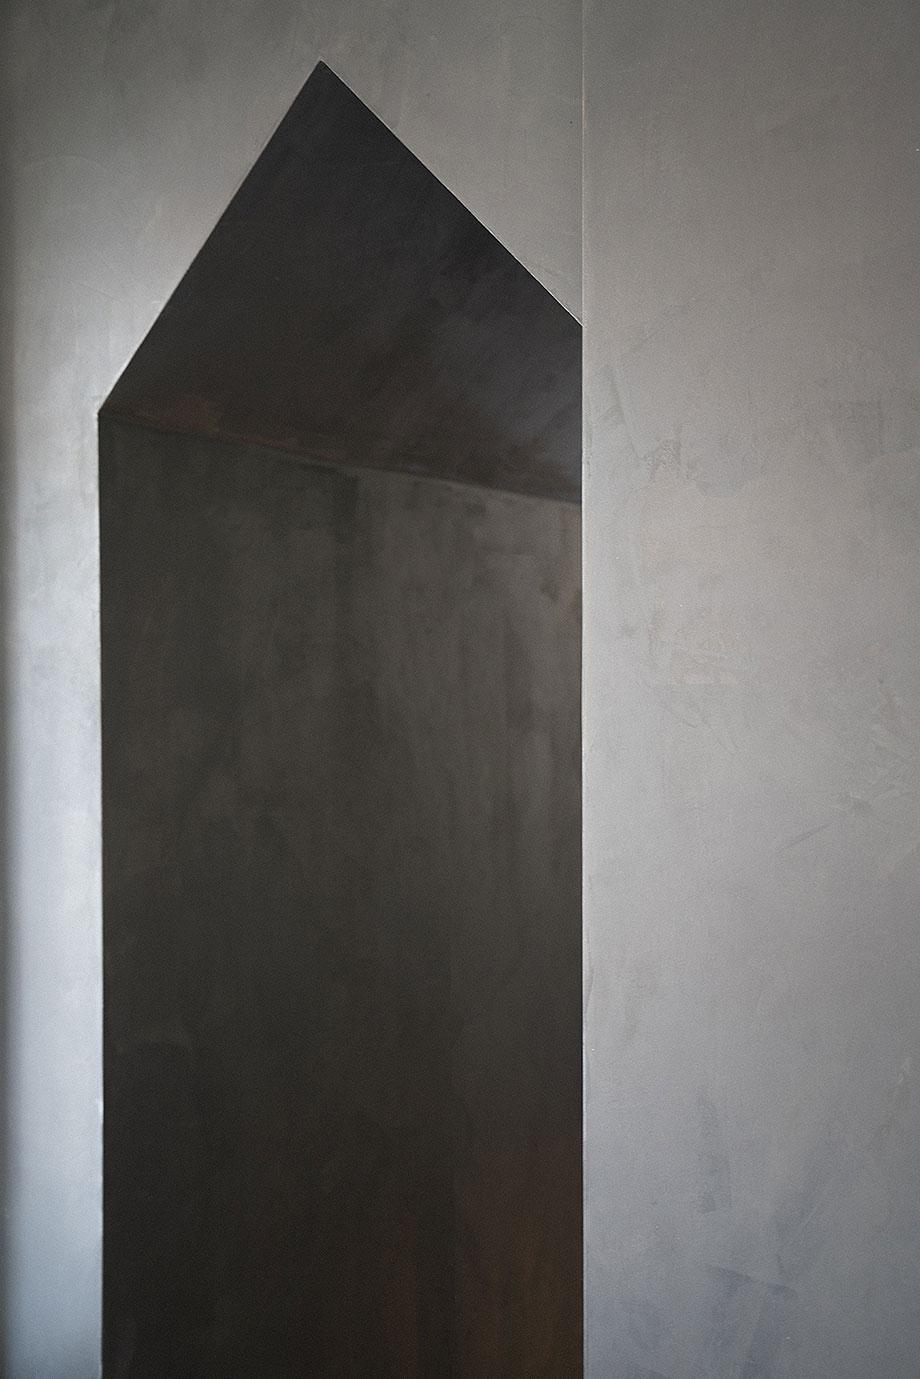 apartamento en naviglio de atelier architettura chinello morandi (14) - foto maria francesca lui